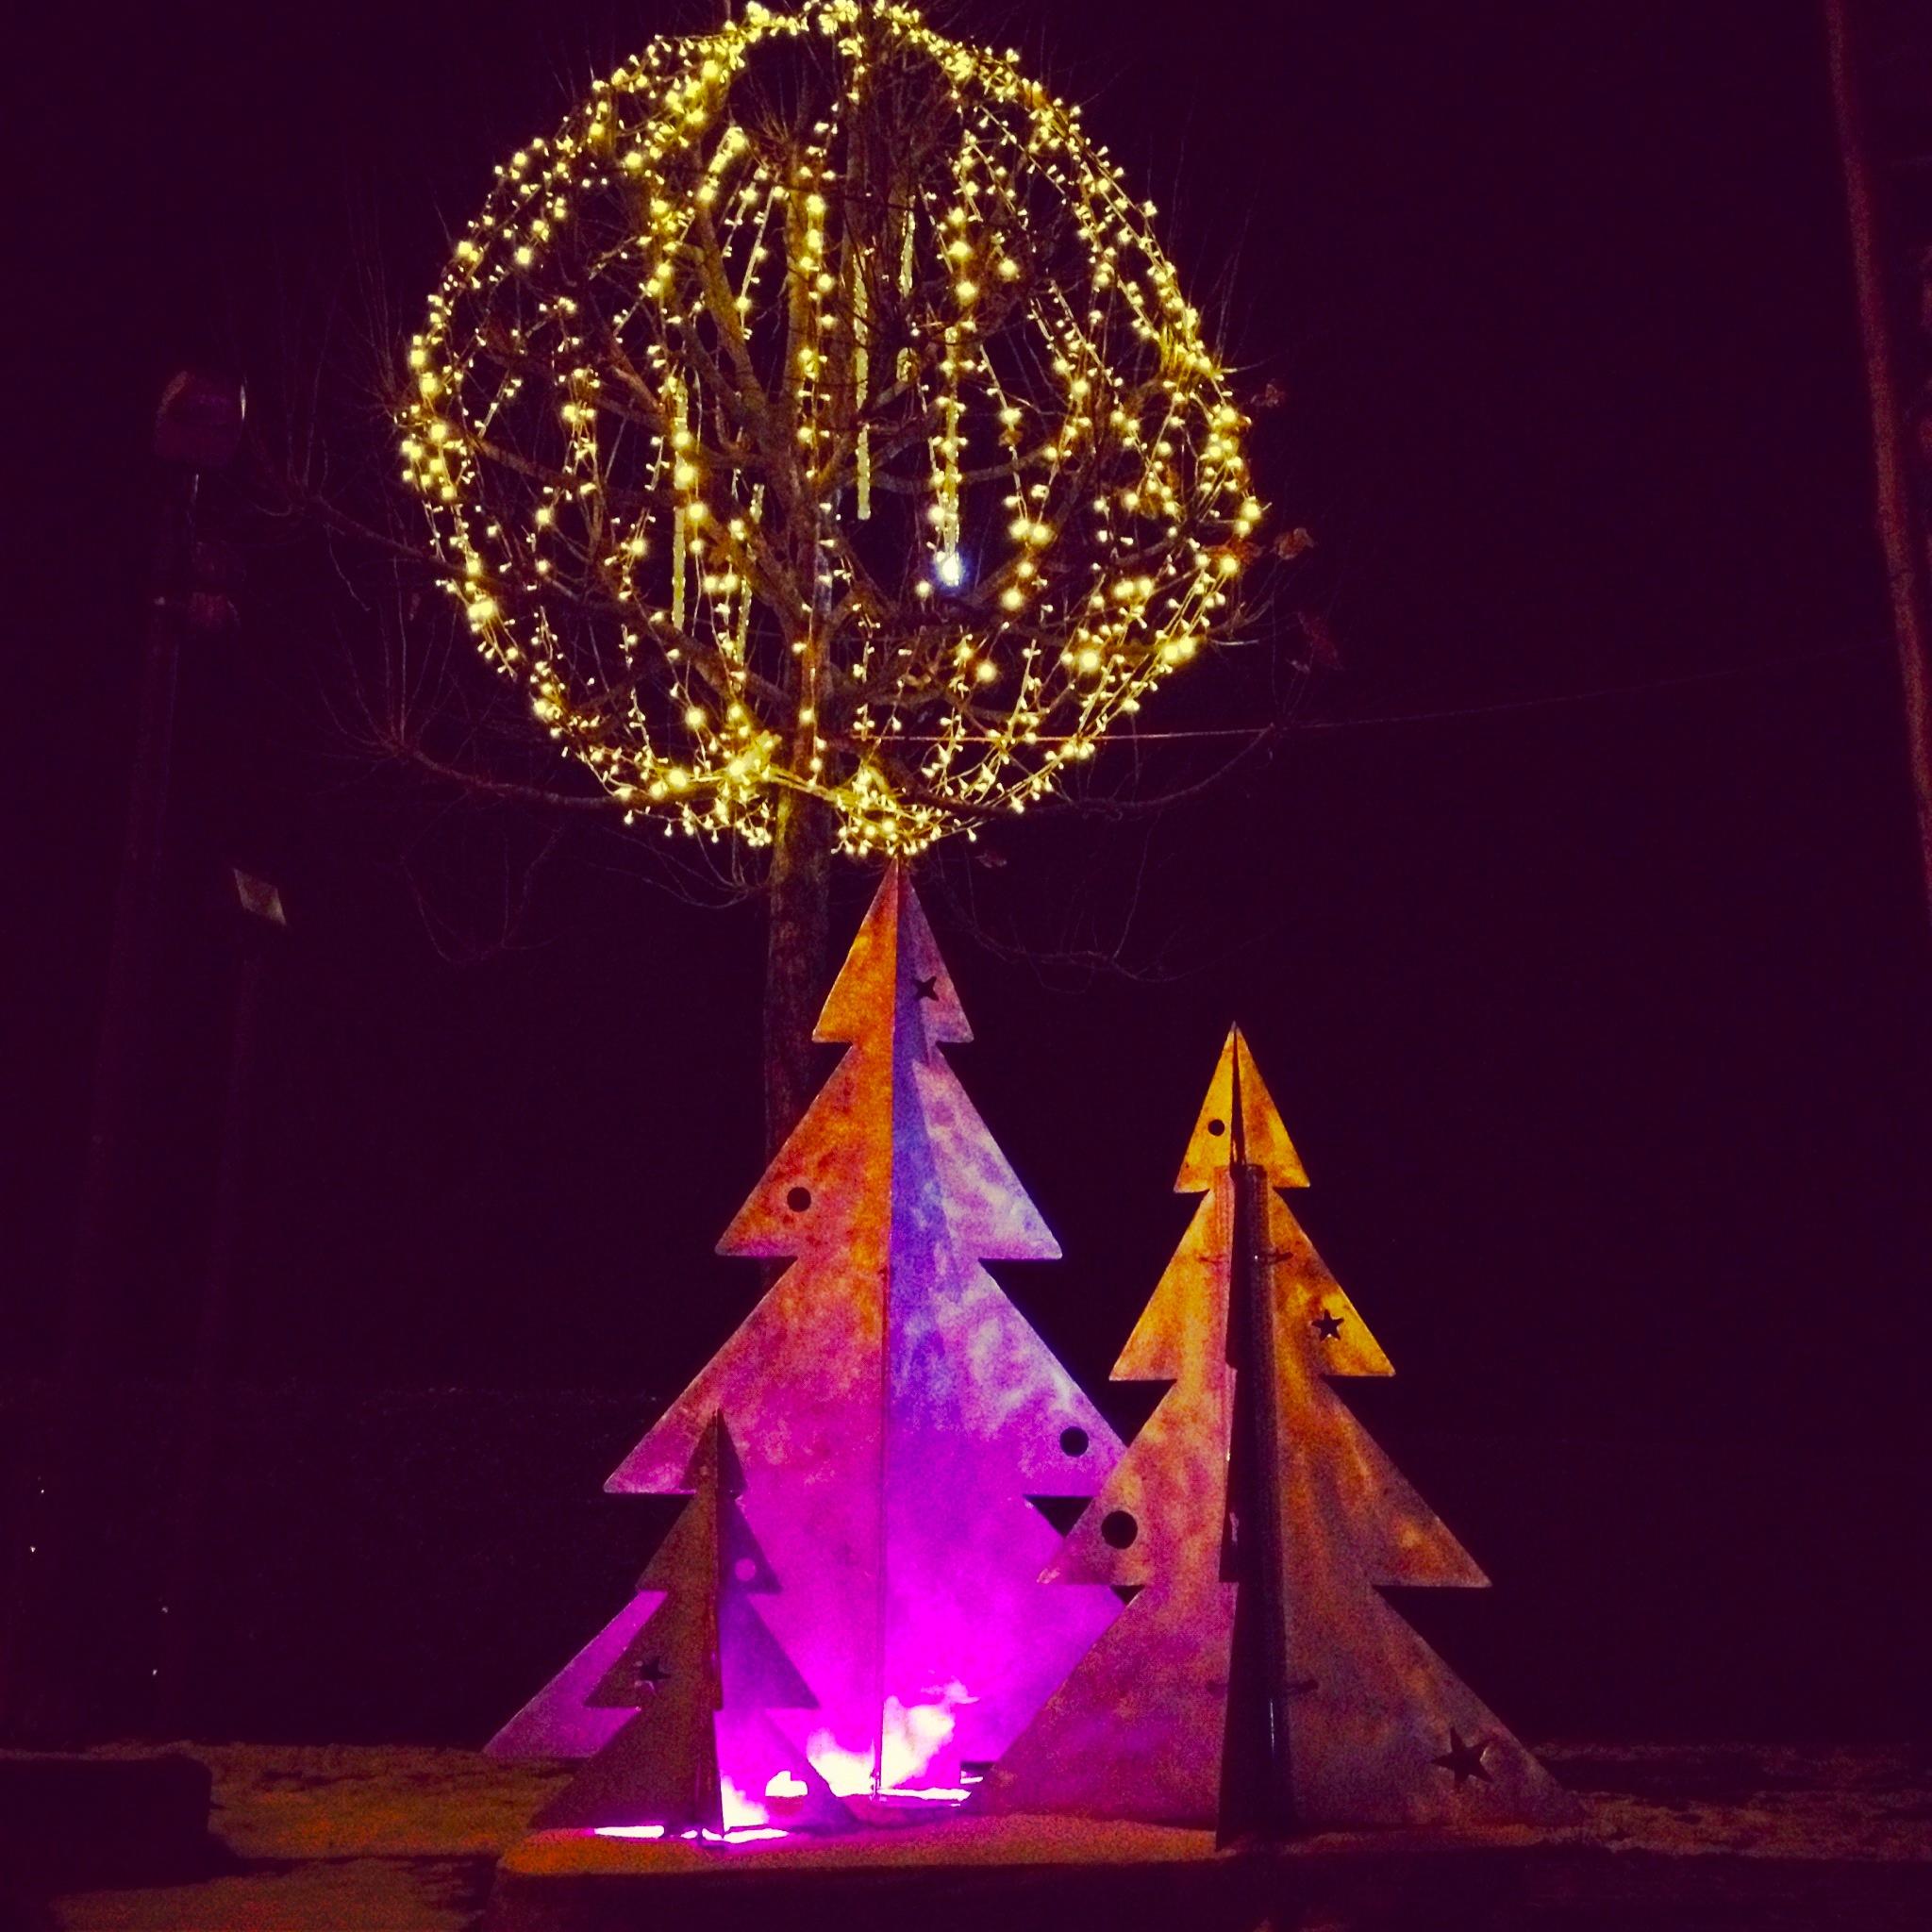 #C407C0 Les Trois Chêne à L'heure Des Décorations De Noël Signé  5435 decorations de noel geneve 2048x2048 px @ aertt.com